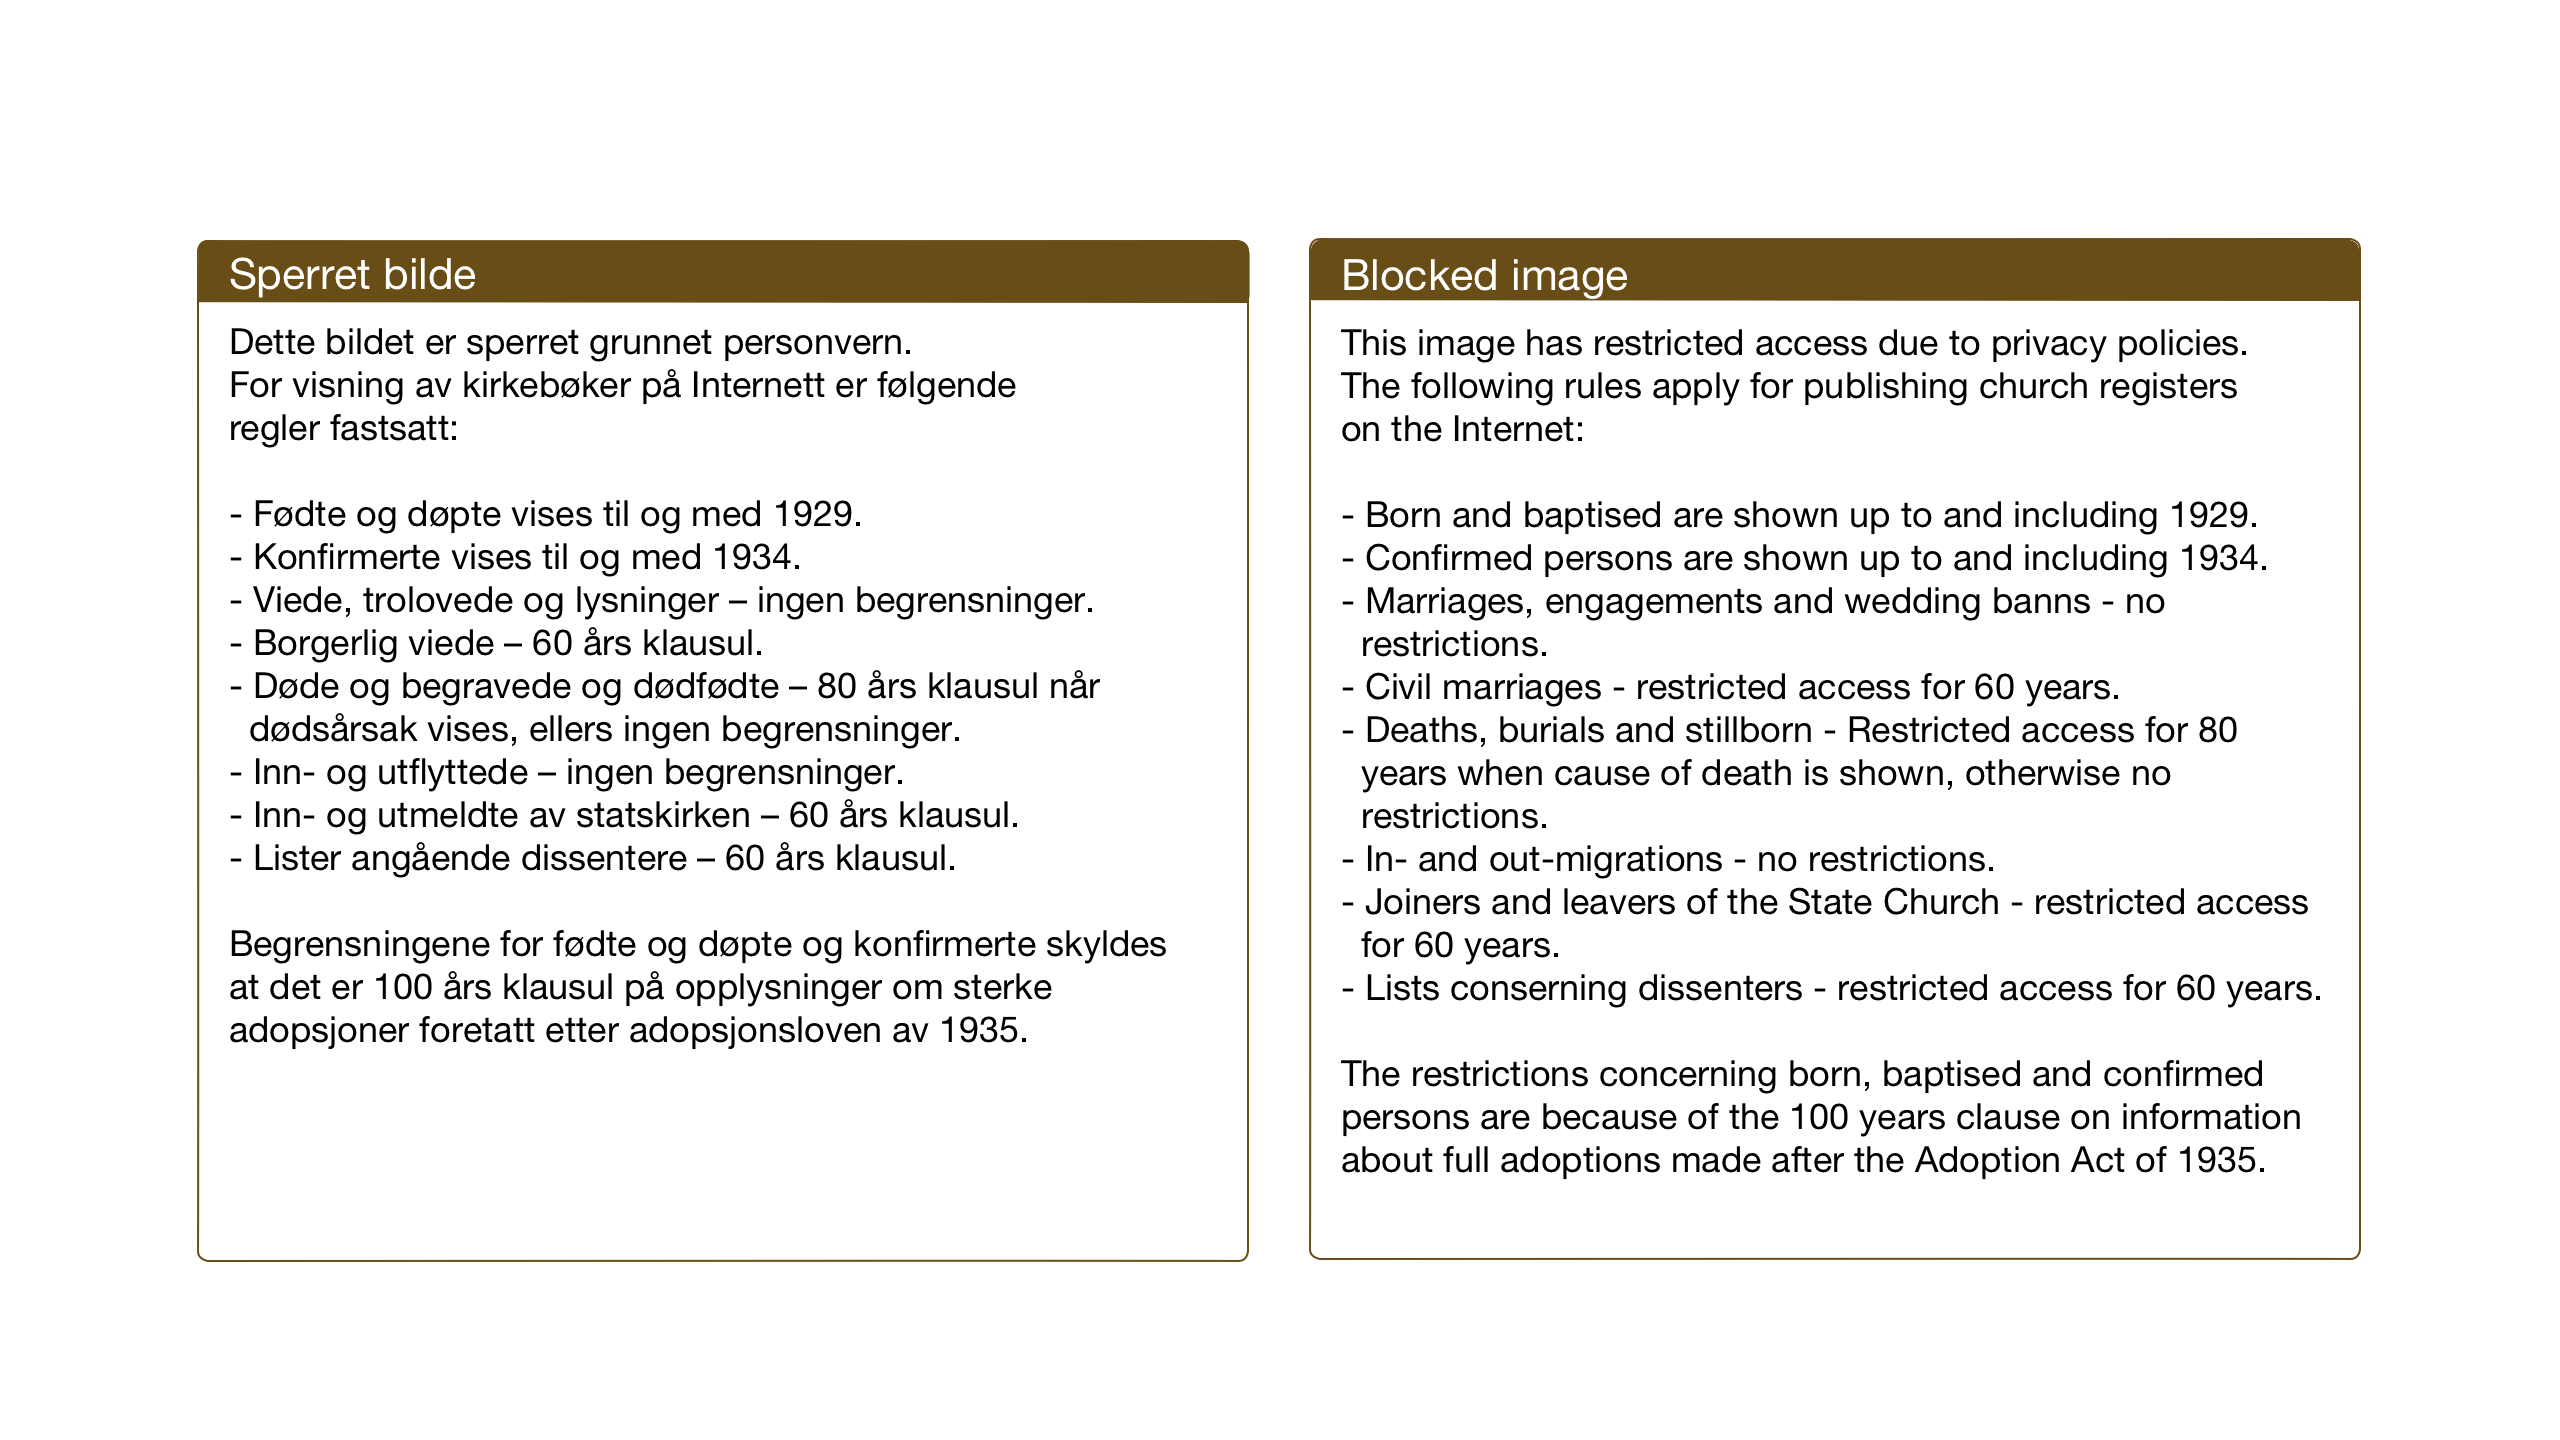 SAT, Ministerialprotokoller, klokkerbøker og fødselsregistre - Sør-Trøndelag, 637/L0564: Klokkerbok nr. 637C05, 1928-1968, s. 138